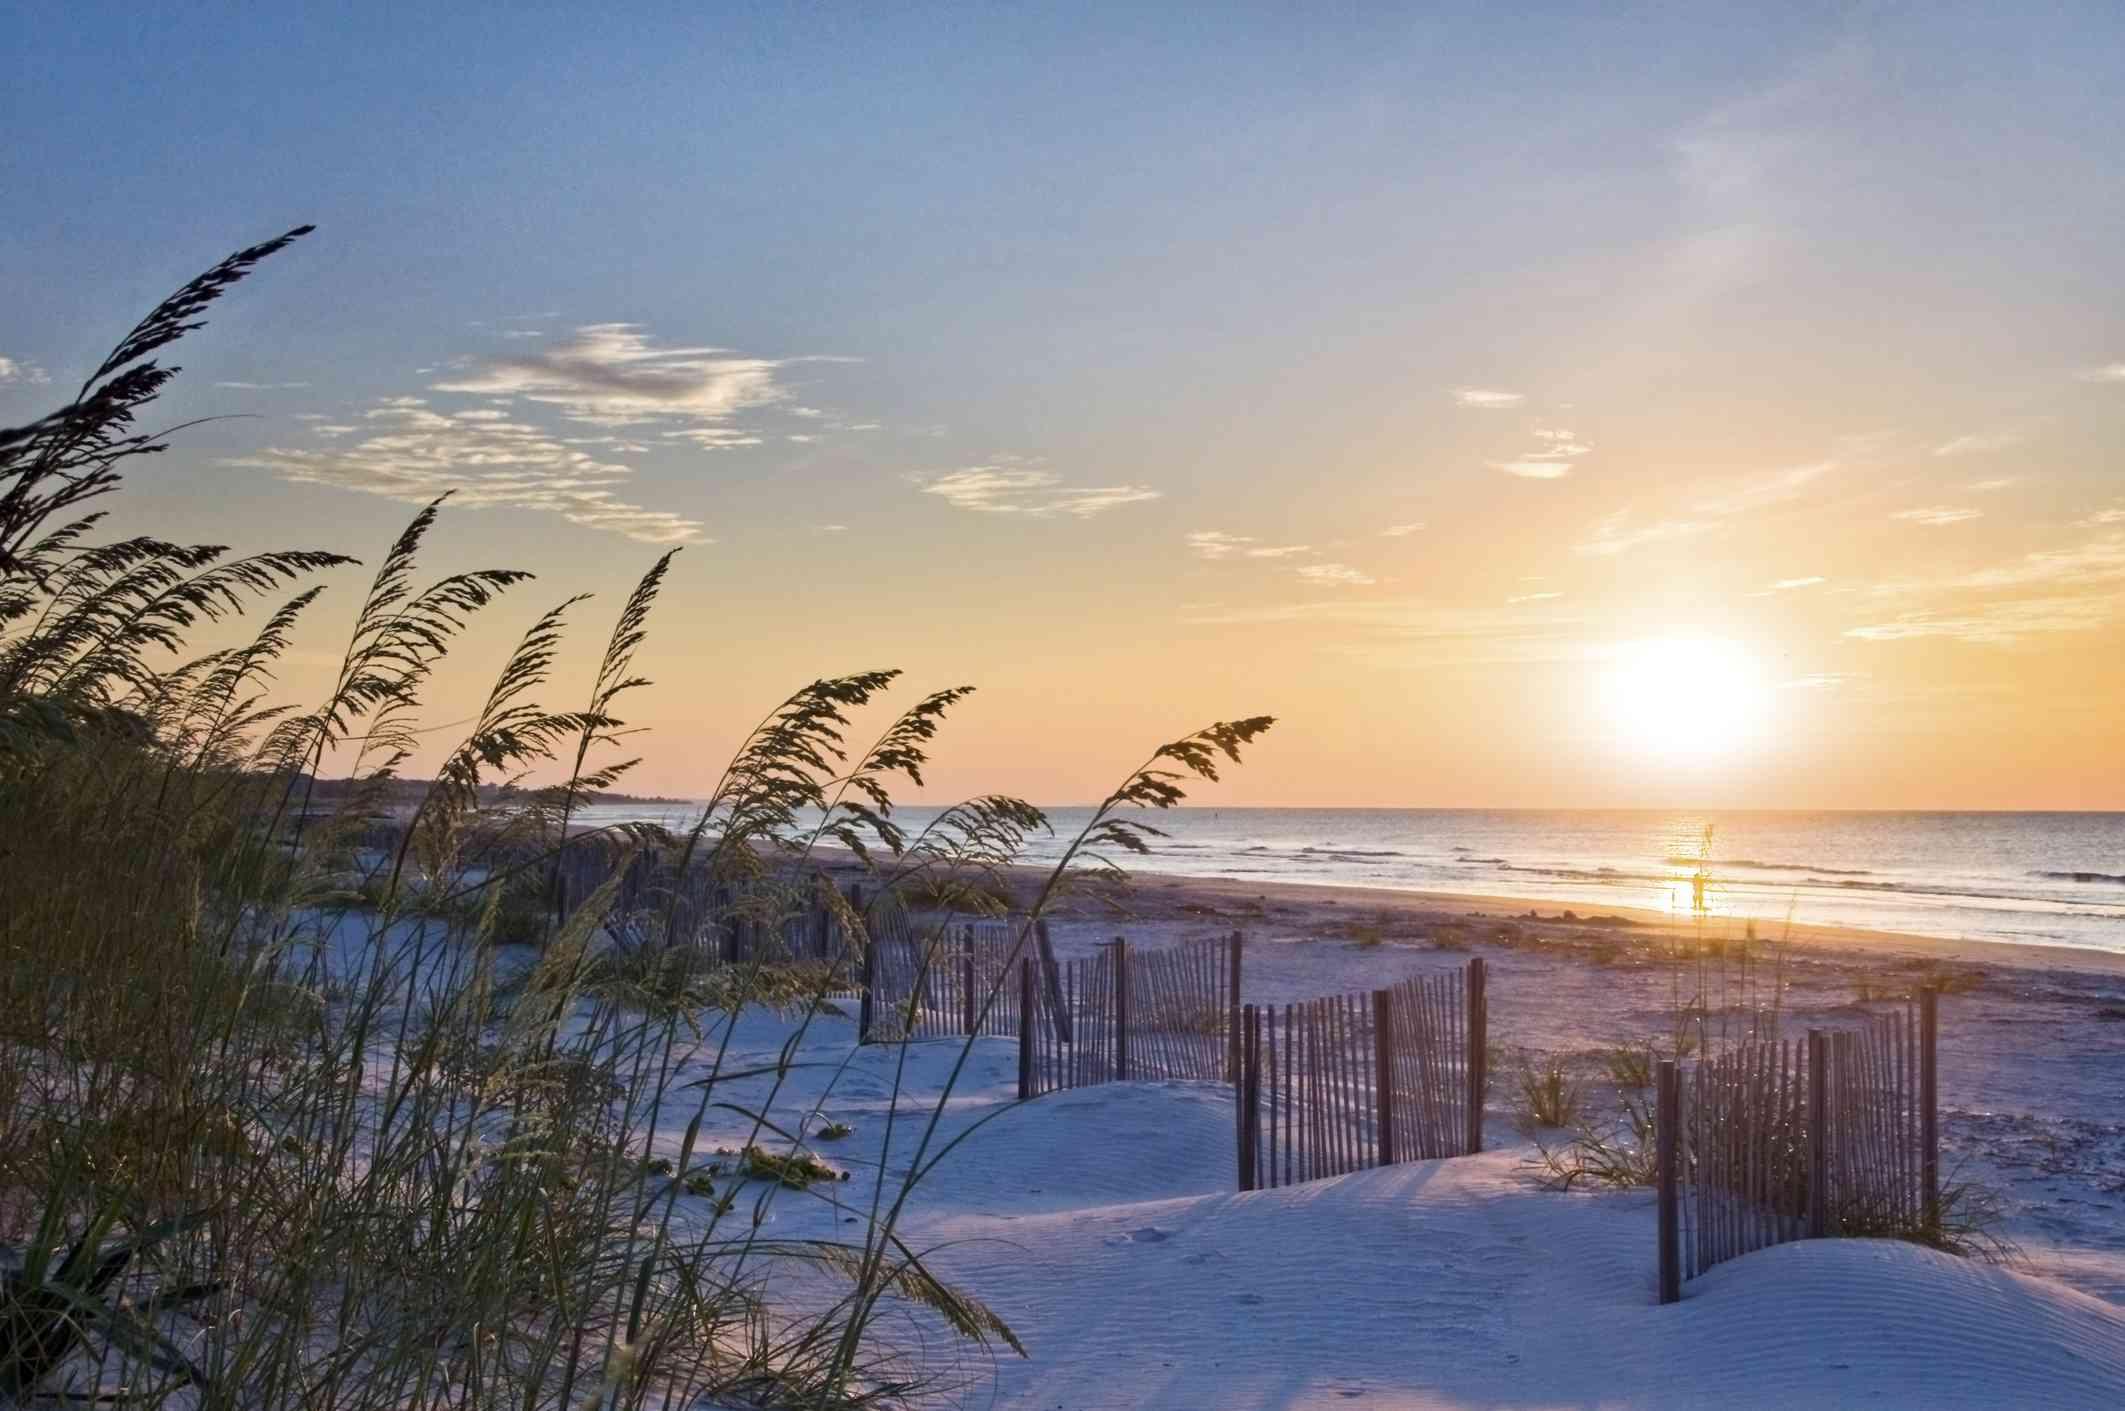 Sea oats and small beach fences are illuminated at sunrise on a beach on Hilton Head Island, SC.